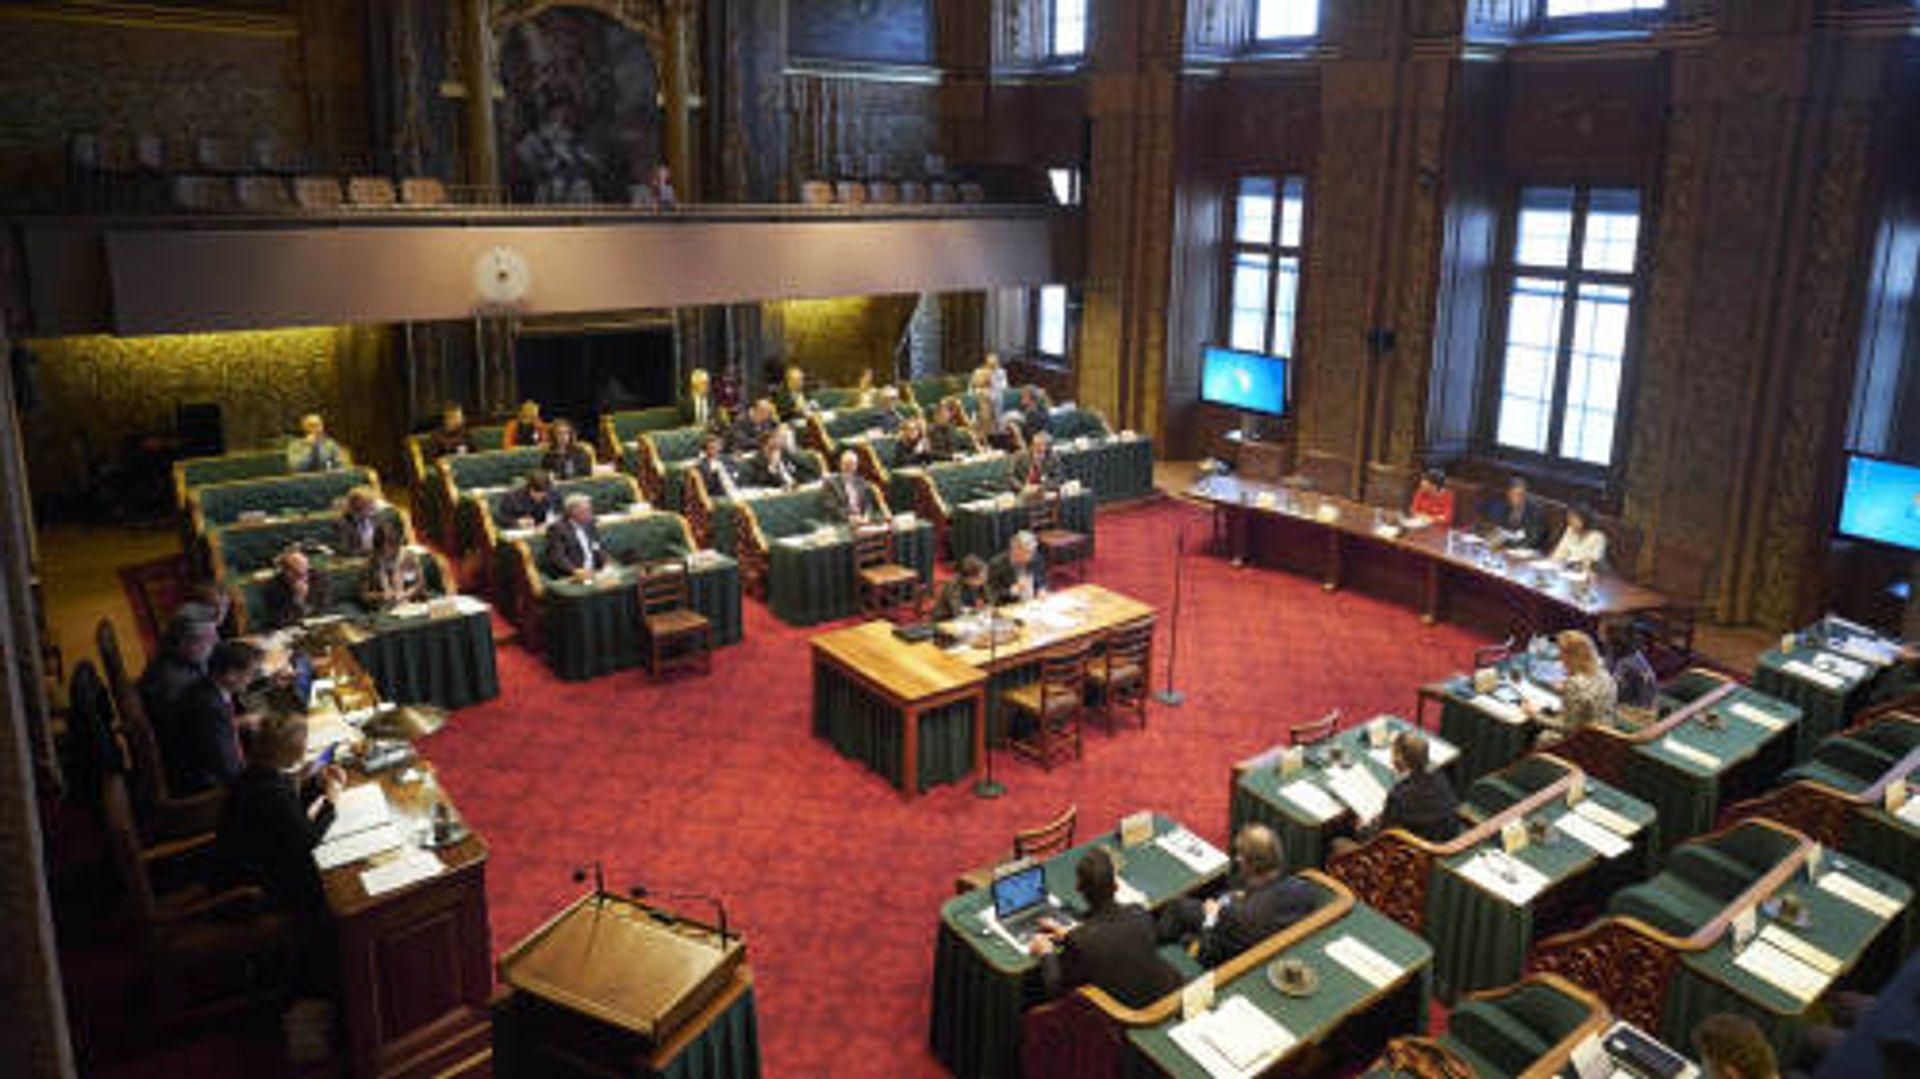 Politiek verslaggever Frank Hendrickx over 'koehandel' bij Eerste Kamer...